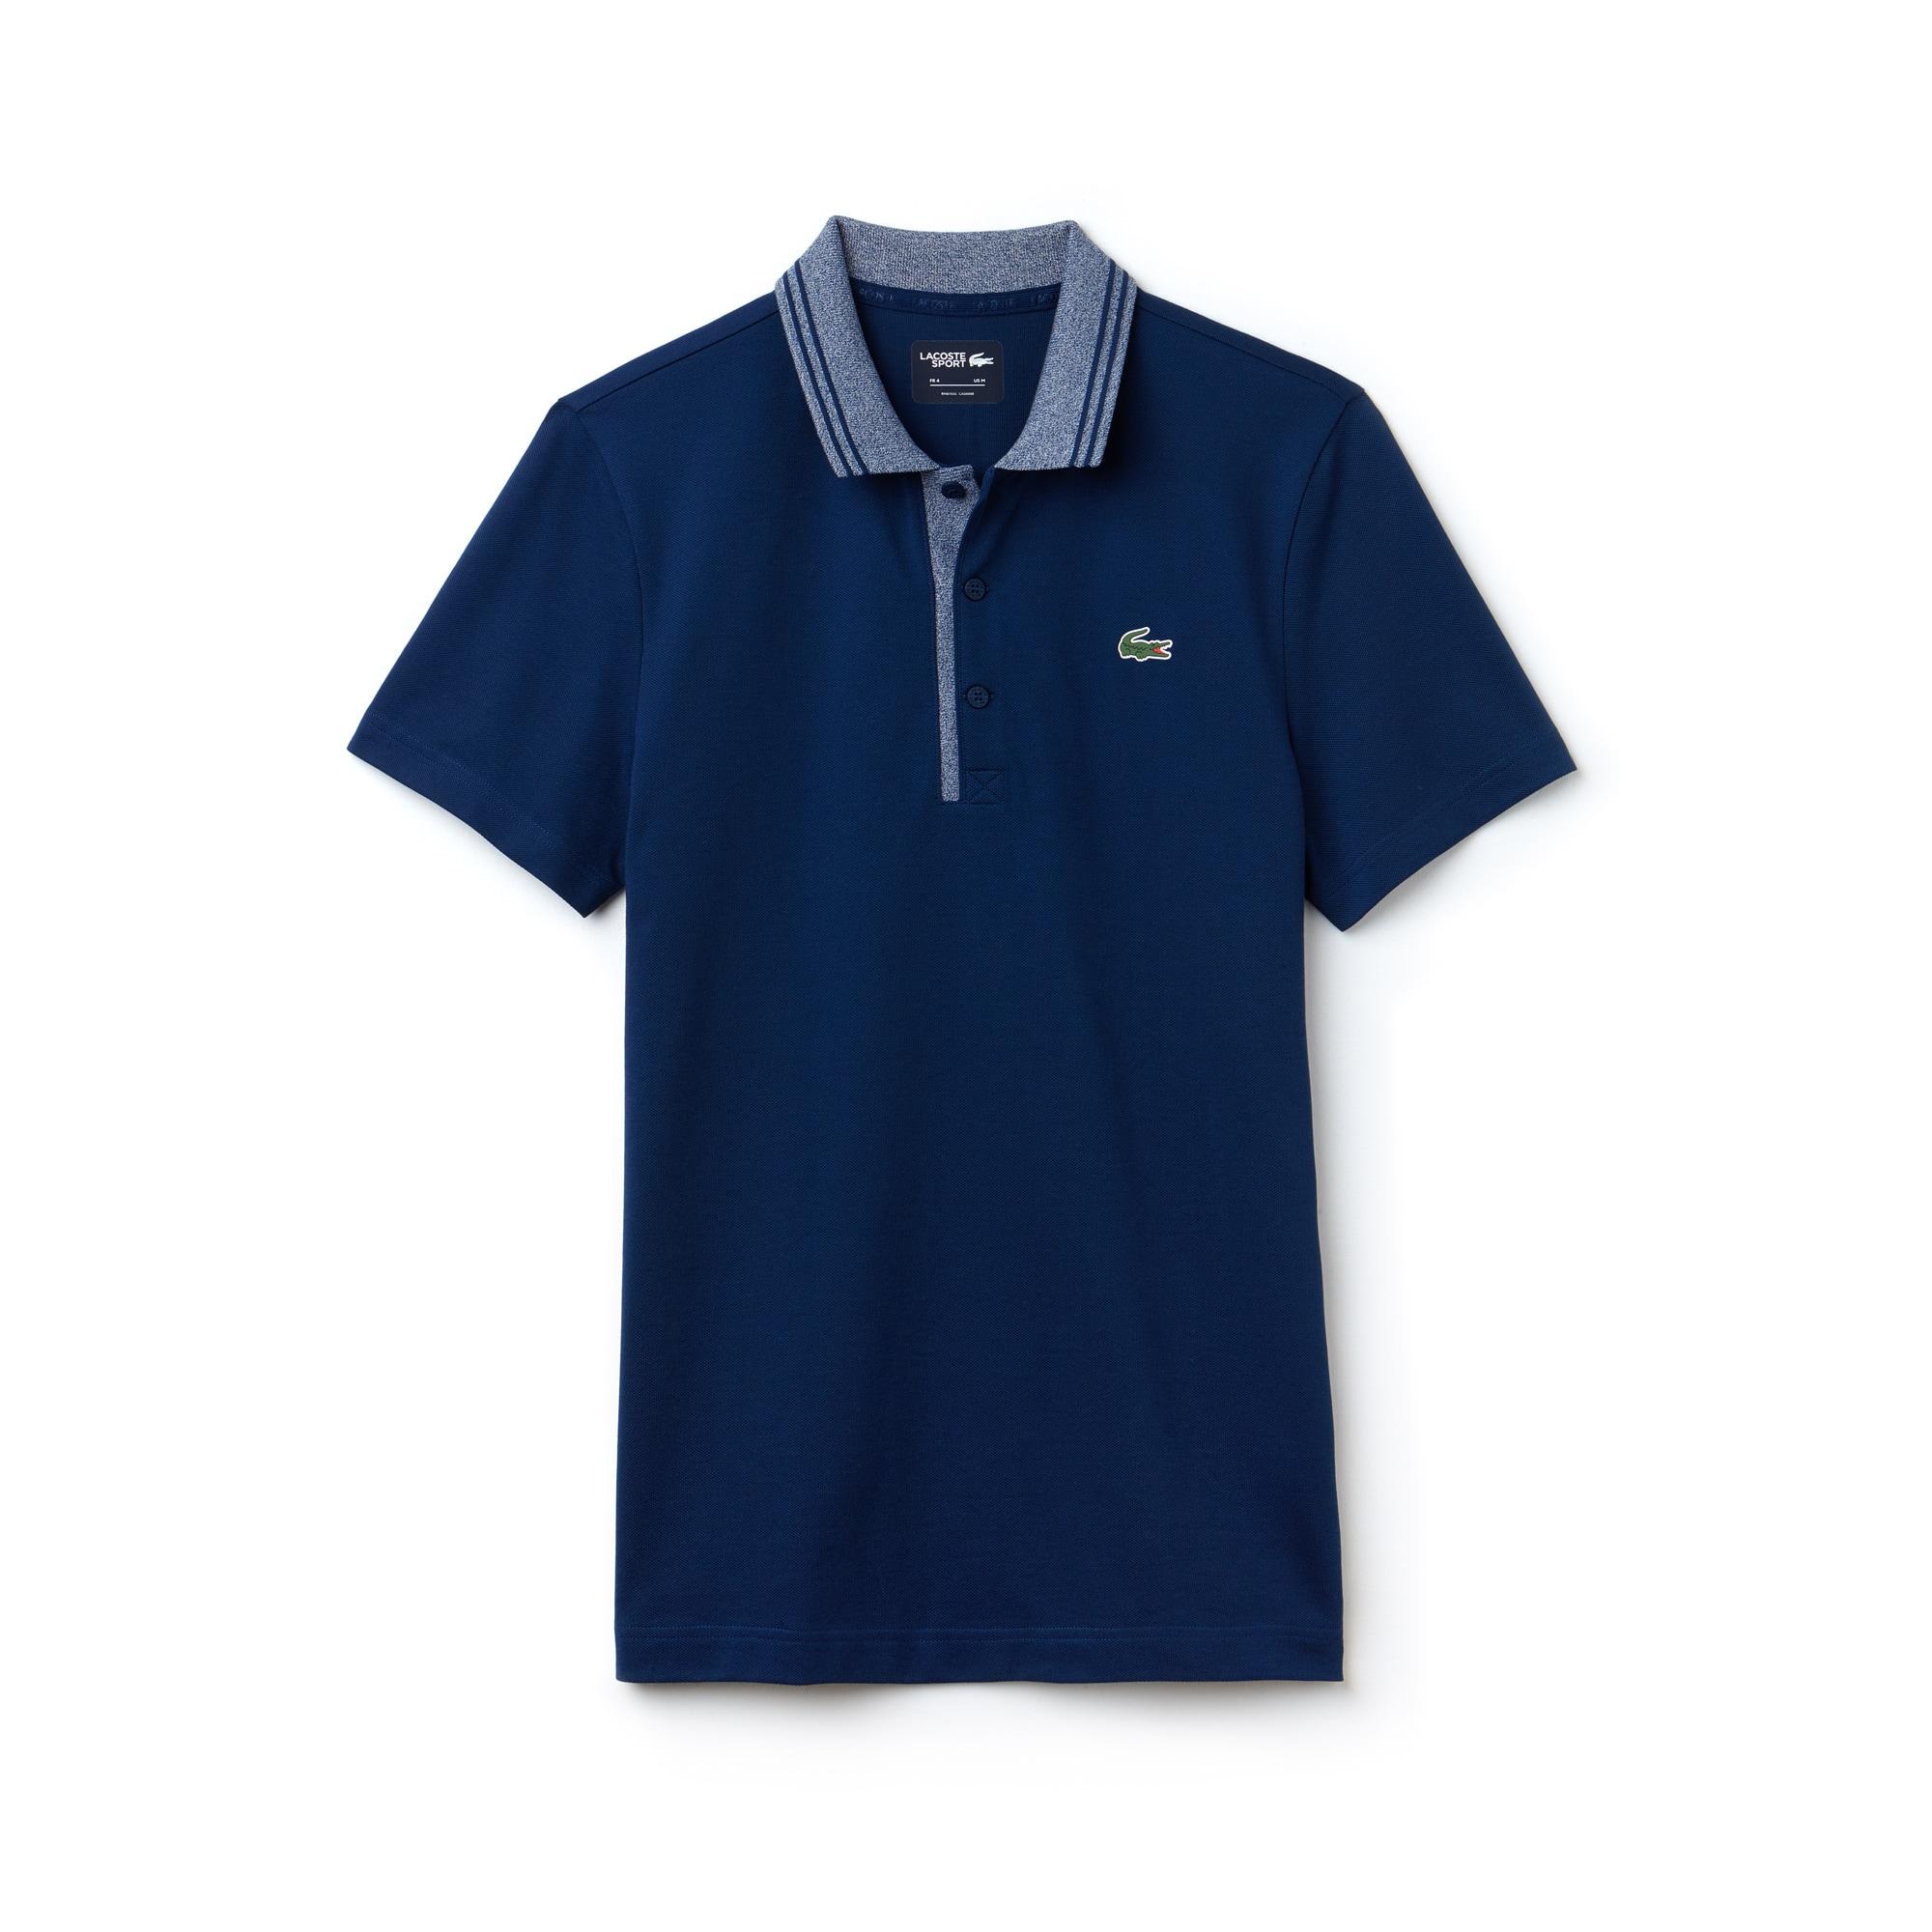 라코스테 Lacoste Mens SPORT Jacquard Accents Petit Pique Golf Polo,Navy Blue / White